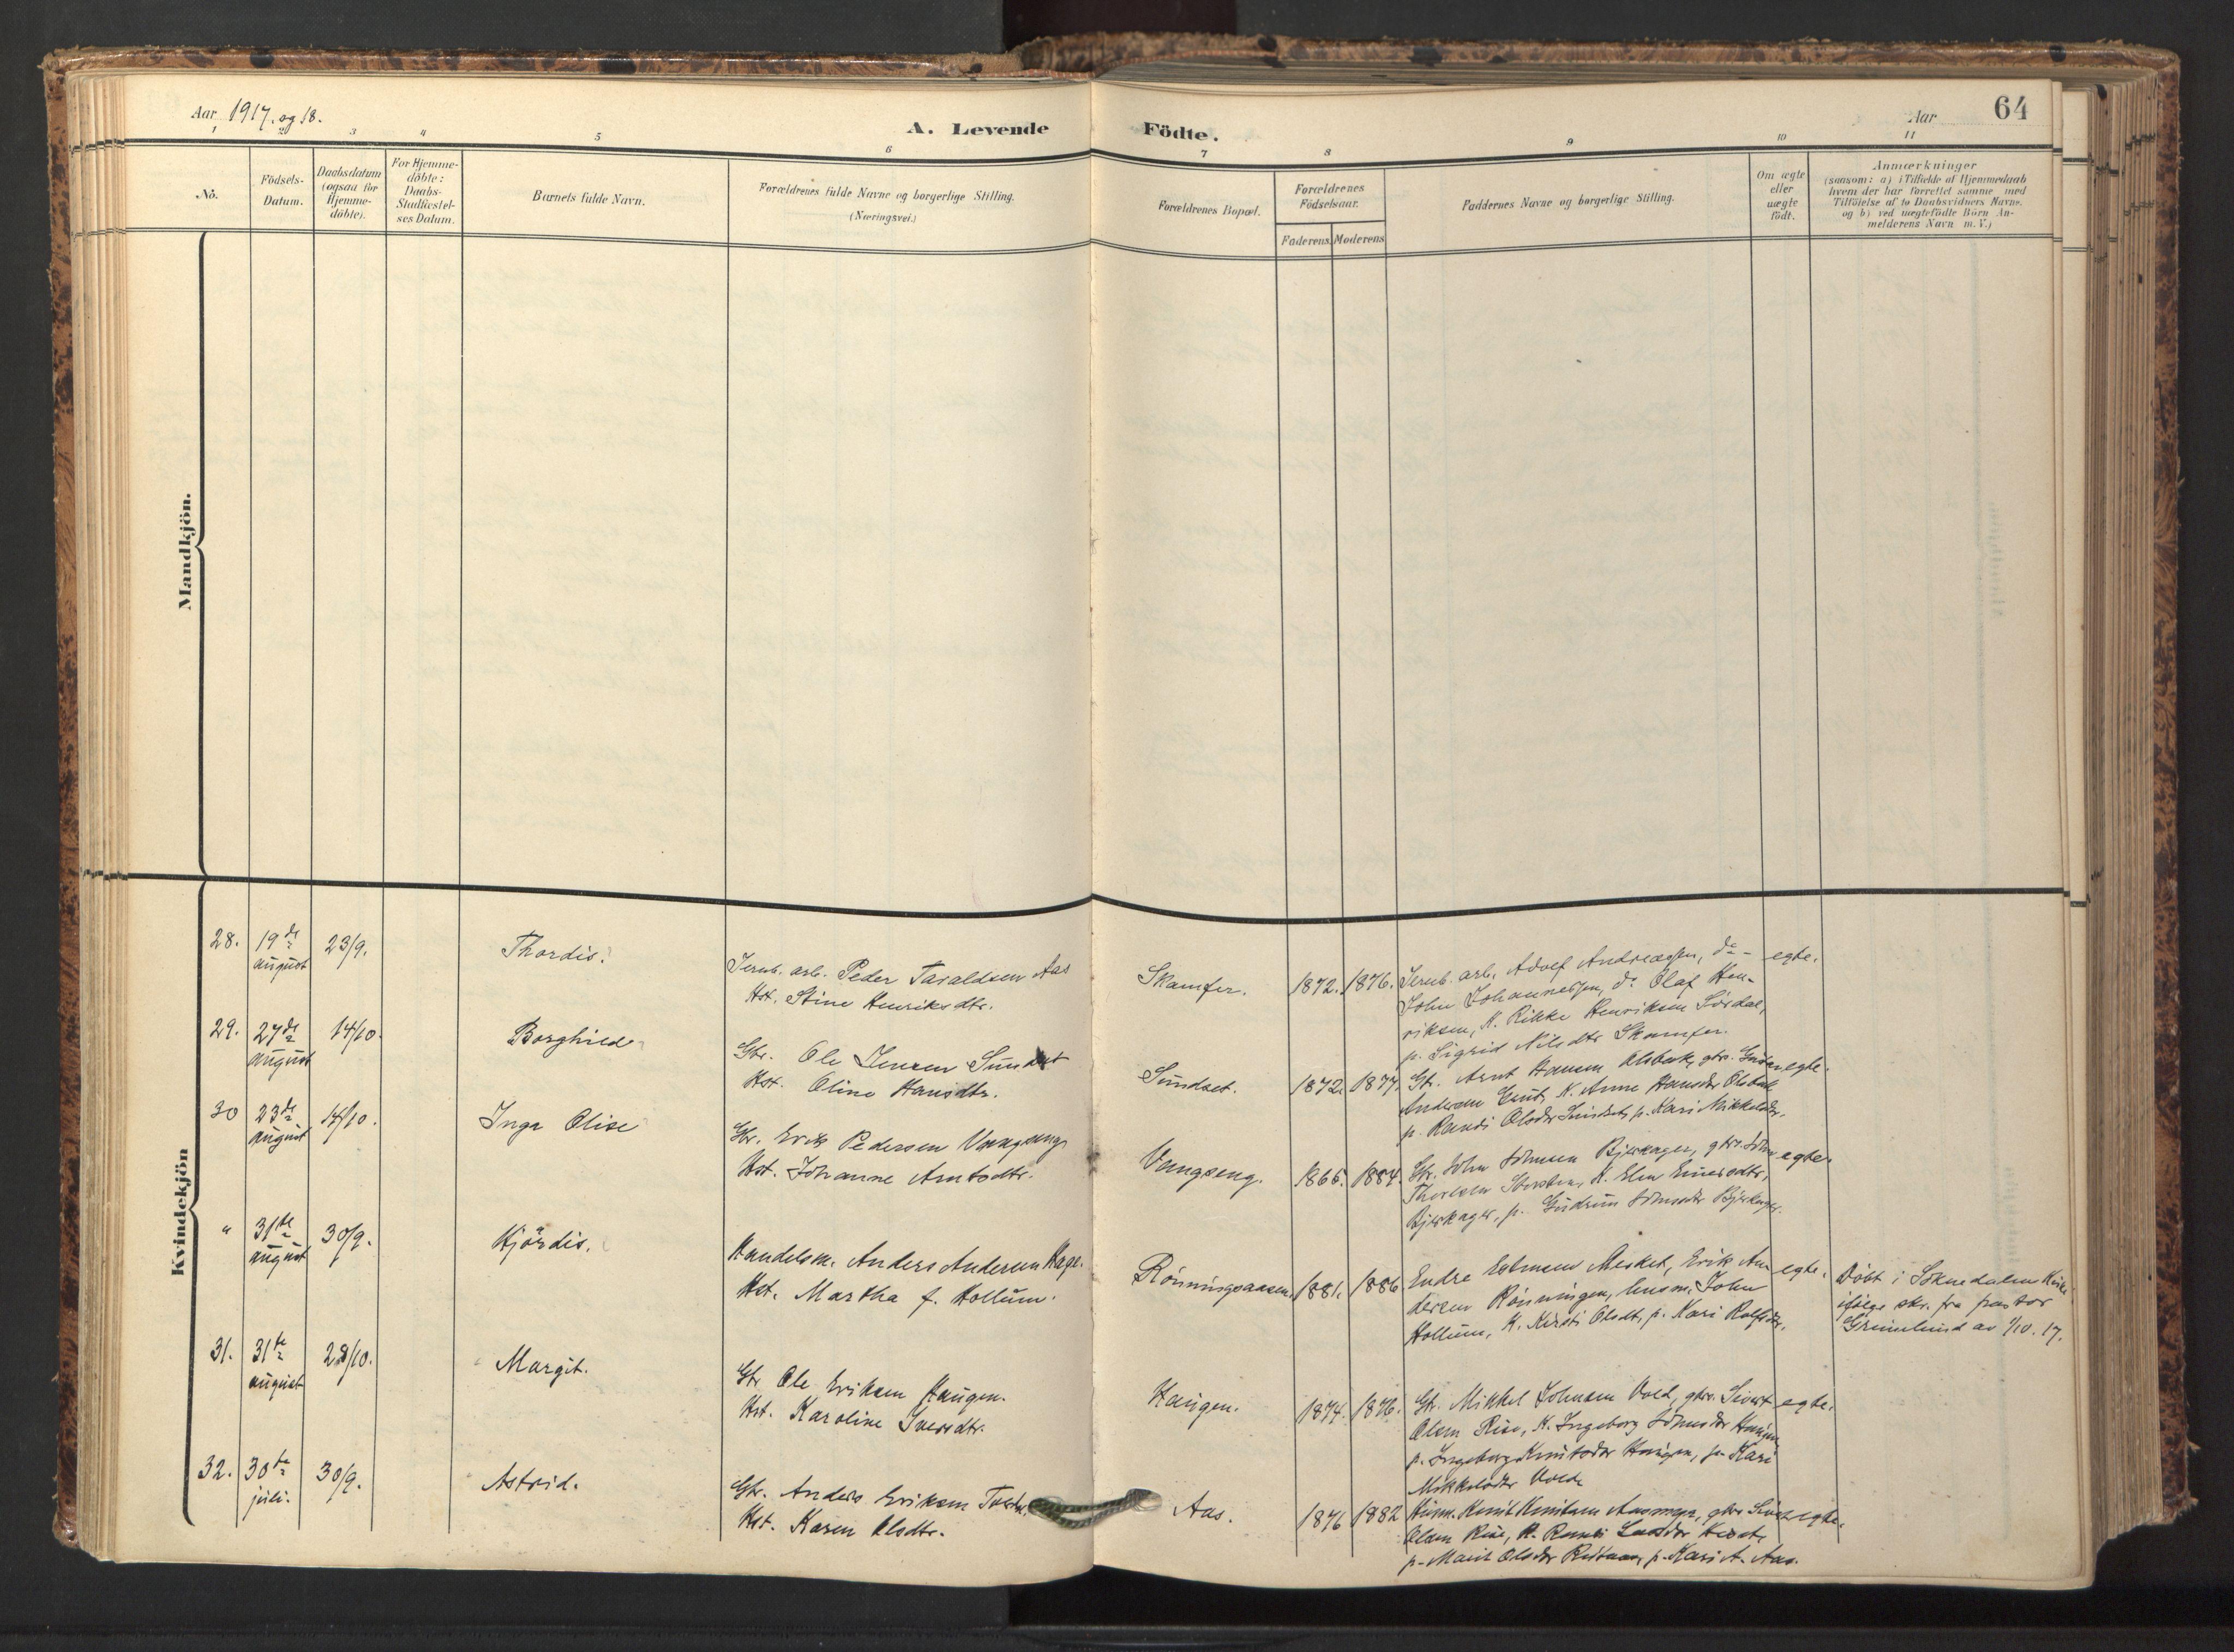 SAT, Ministerialprotokoller, klokkerbøker og fødselsregistre - Sør-Trøndelag, 674/L0873: Ministerialbok nr. 674A05, 1908-1923, s. 64